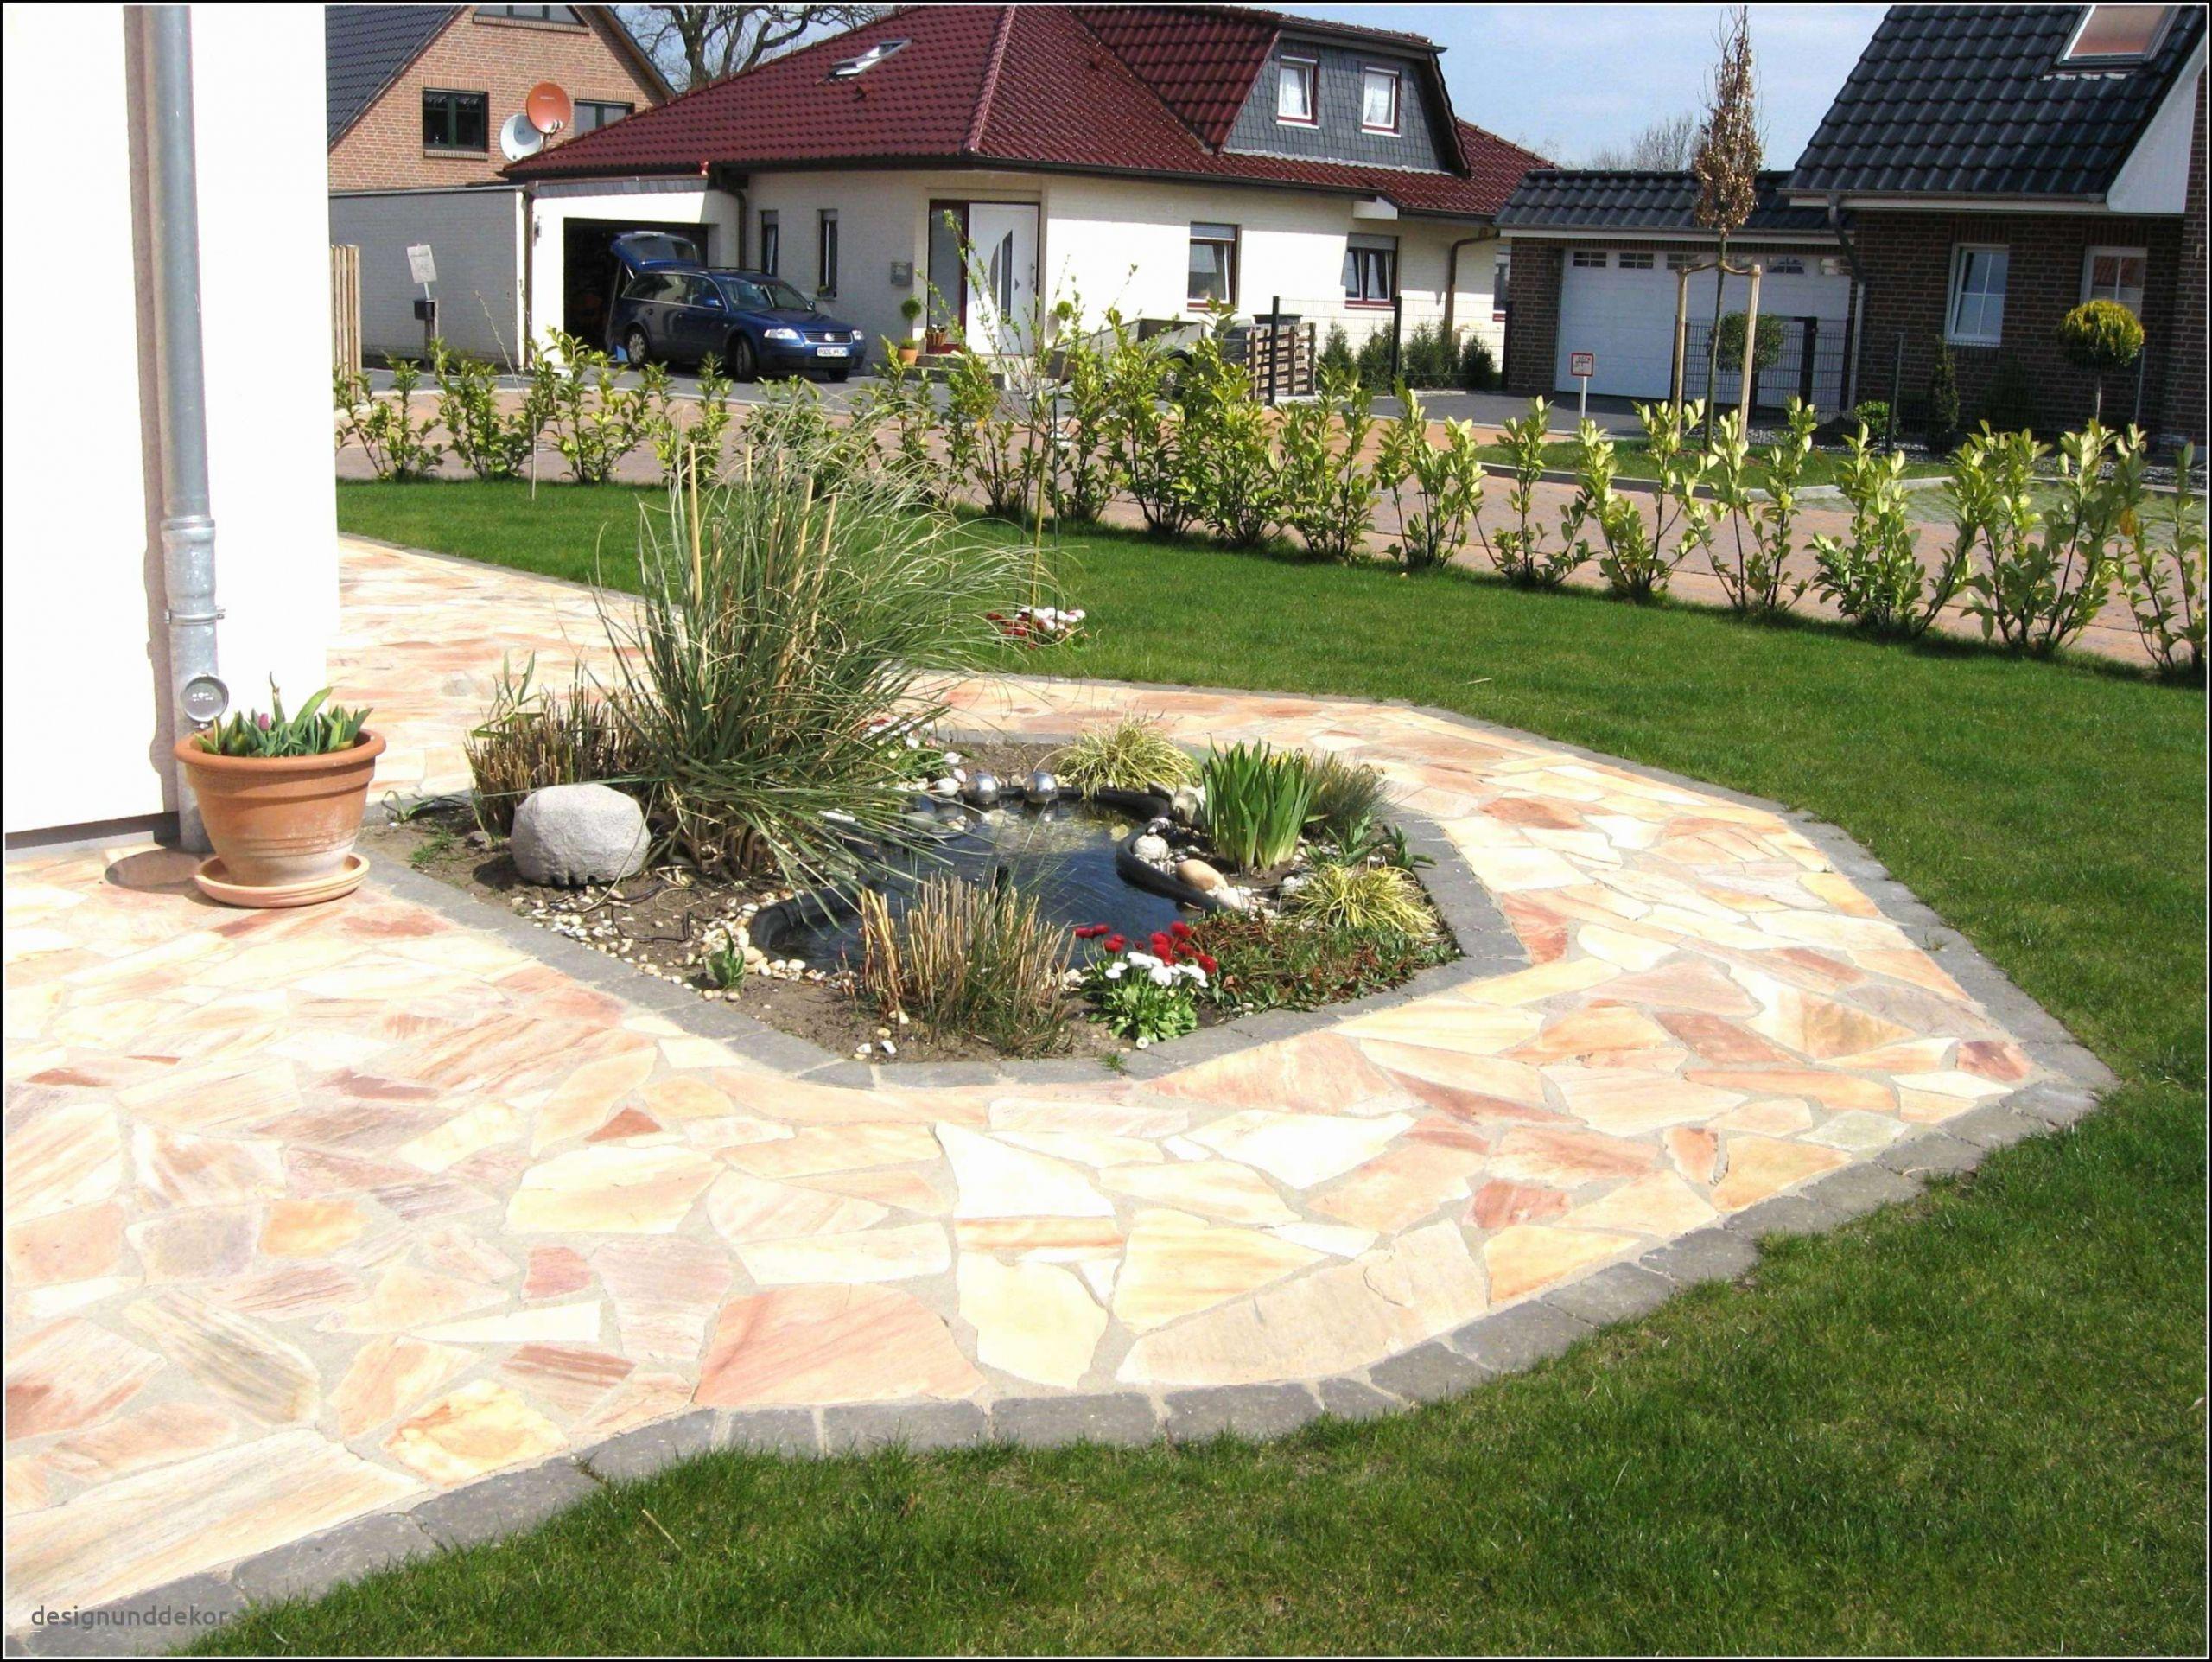 Gartensitzplatz Gestalten Schön Terrasse Maritim Gestalten — Temobardz Home Blog